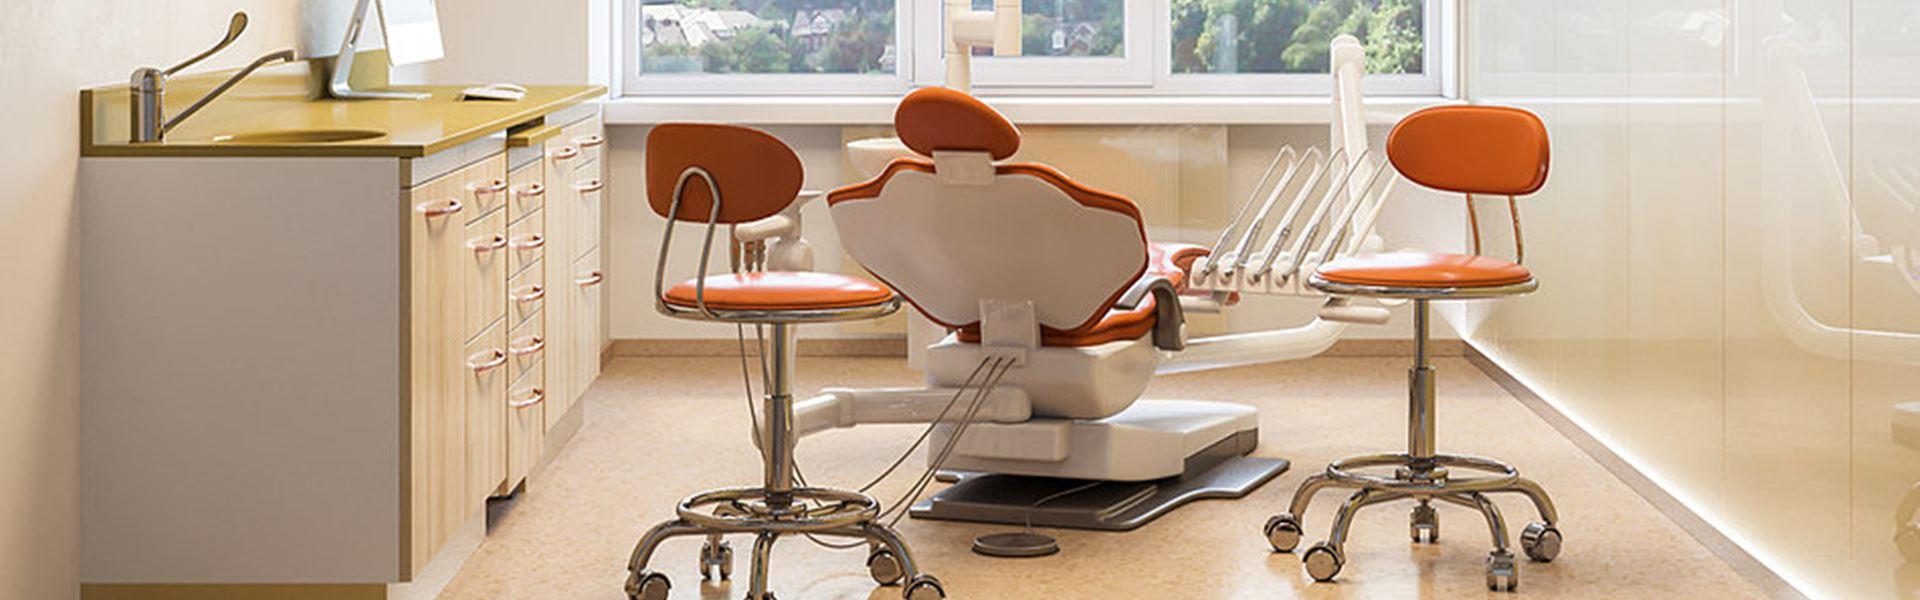 Продвижение стоматологии: почему нужно делать упор на соцсети